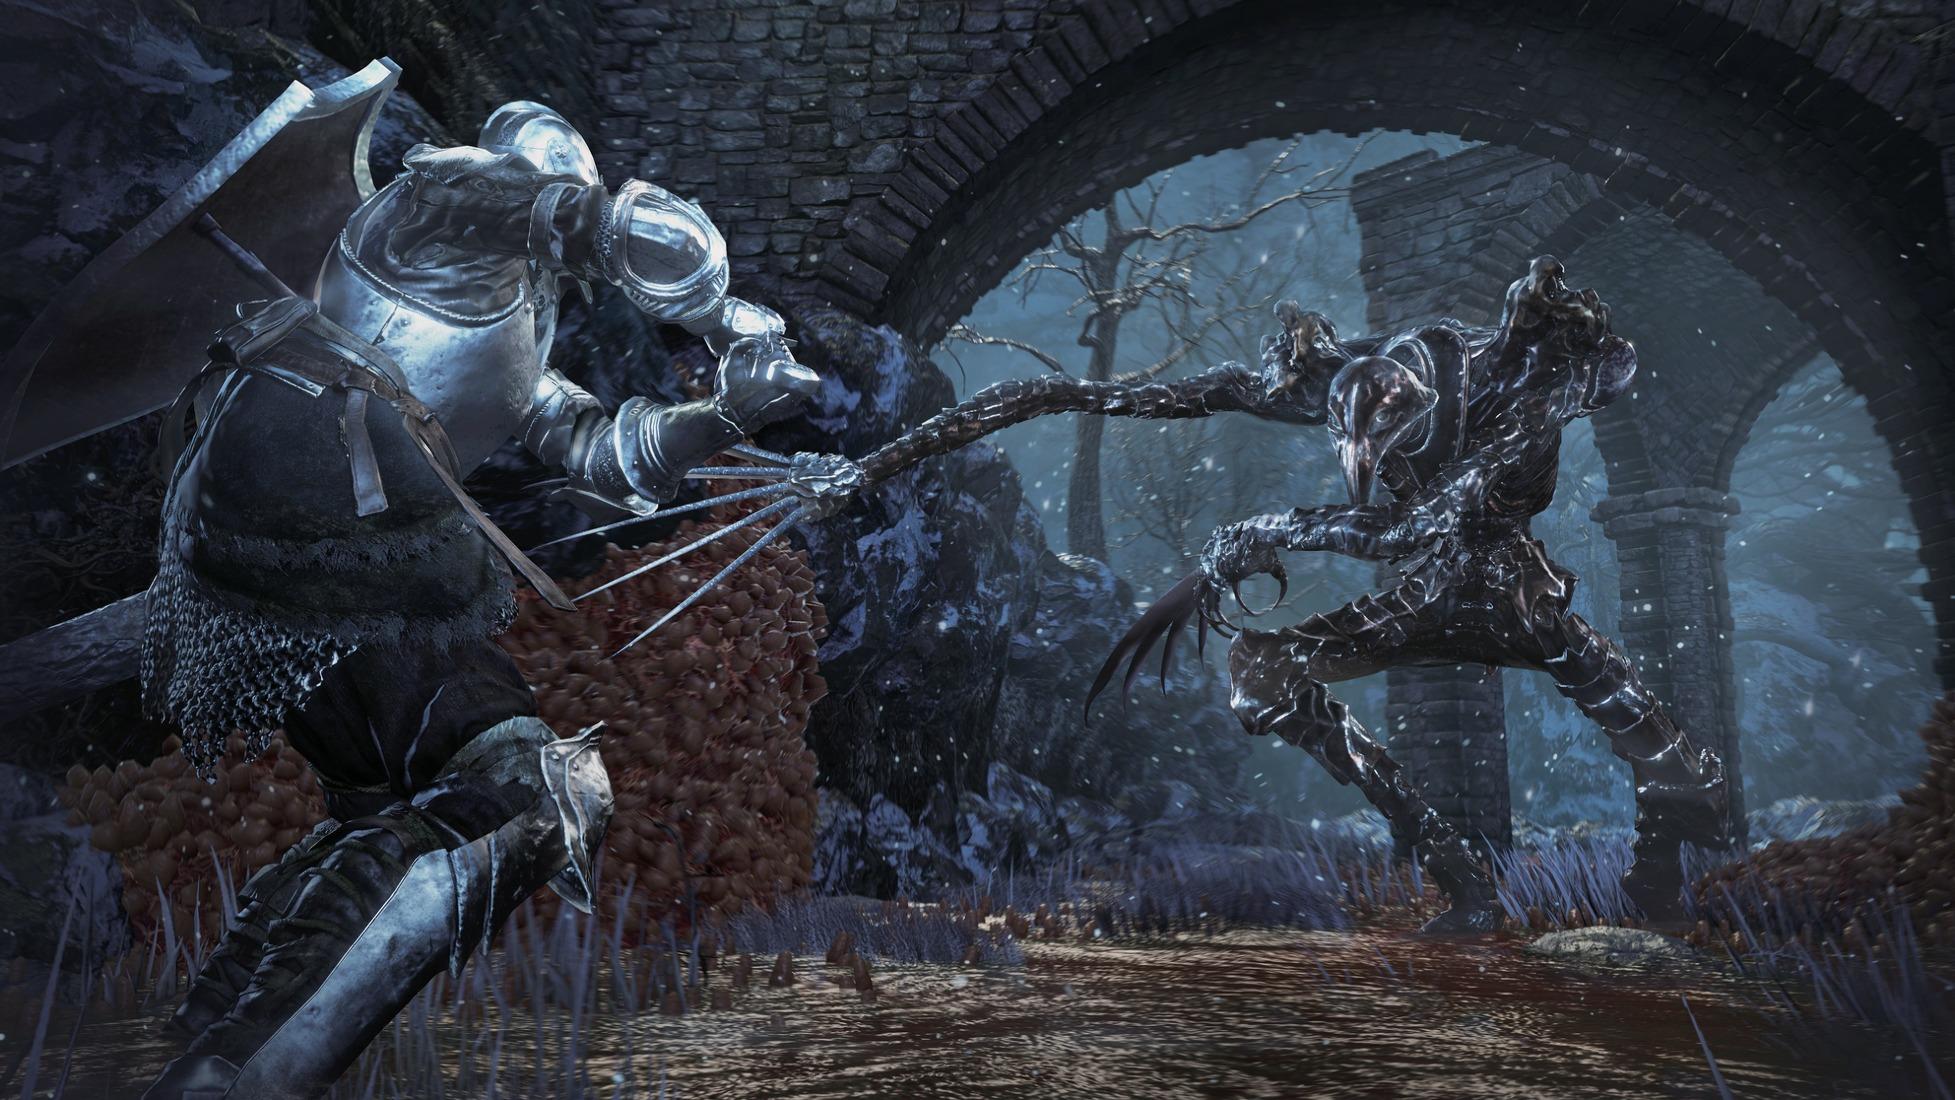 Свежие скриншоты дополнения для Dark Souls III - Ashes of Ariandel